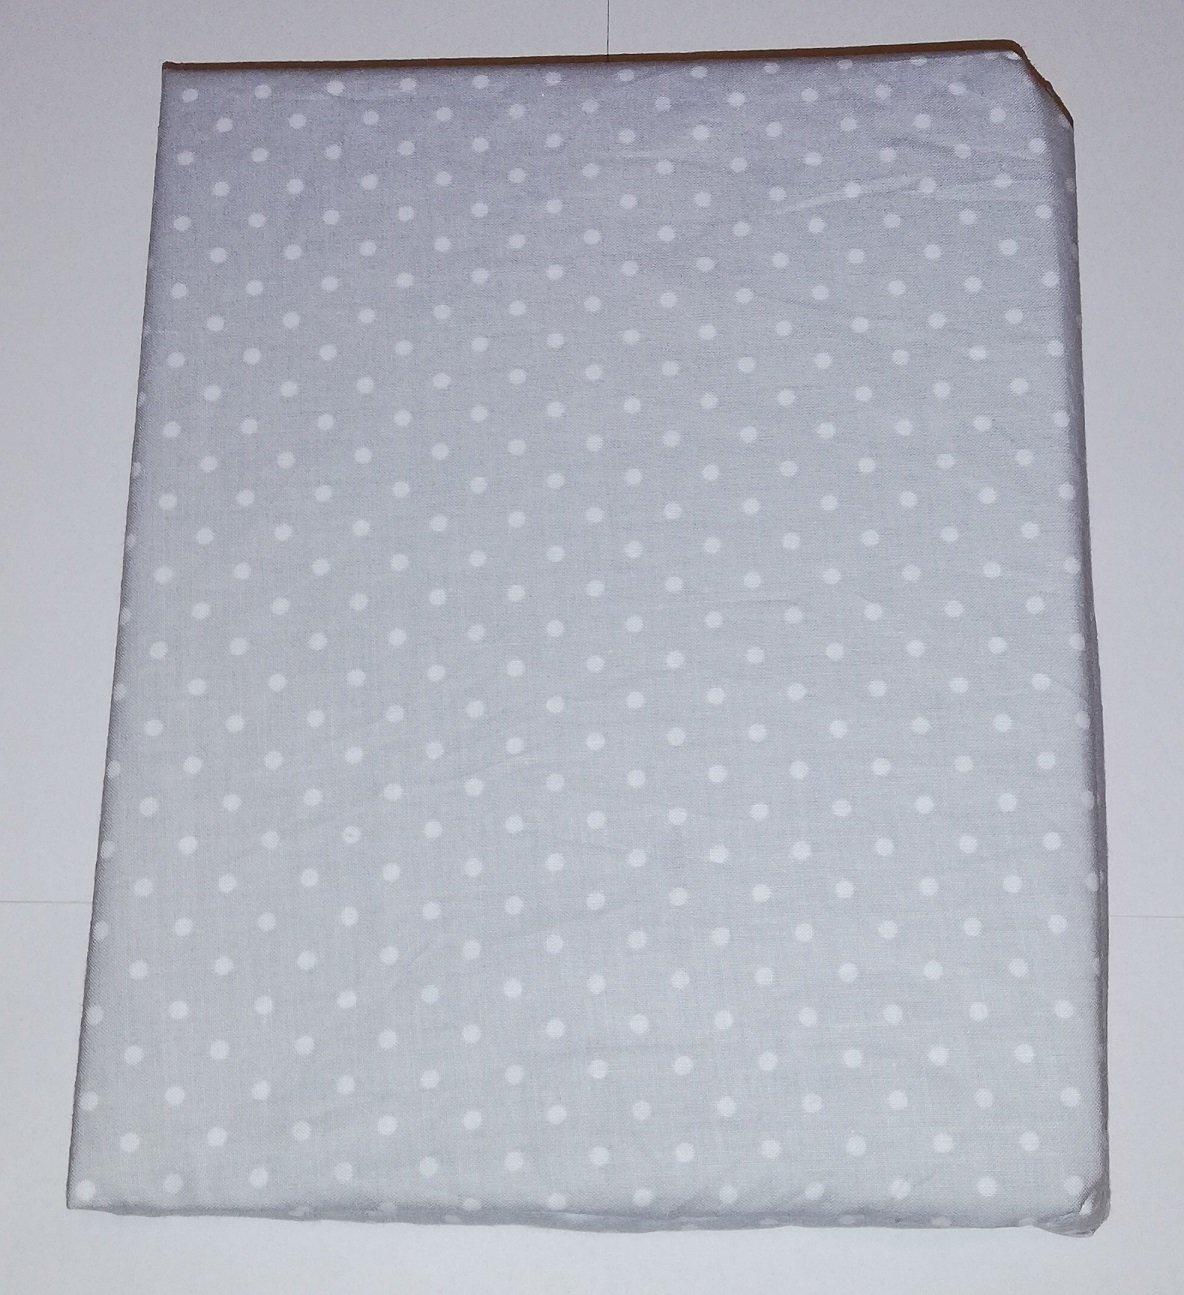 Bavlnìné prostìradlo 120x60 cm šedé s bílými vìtšími puntíky - zvìtšit obrázek